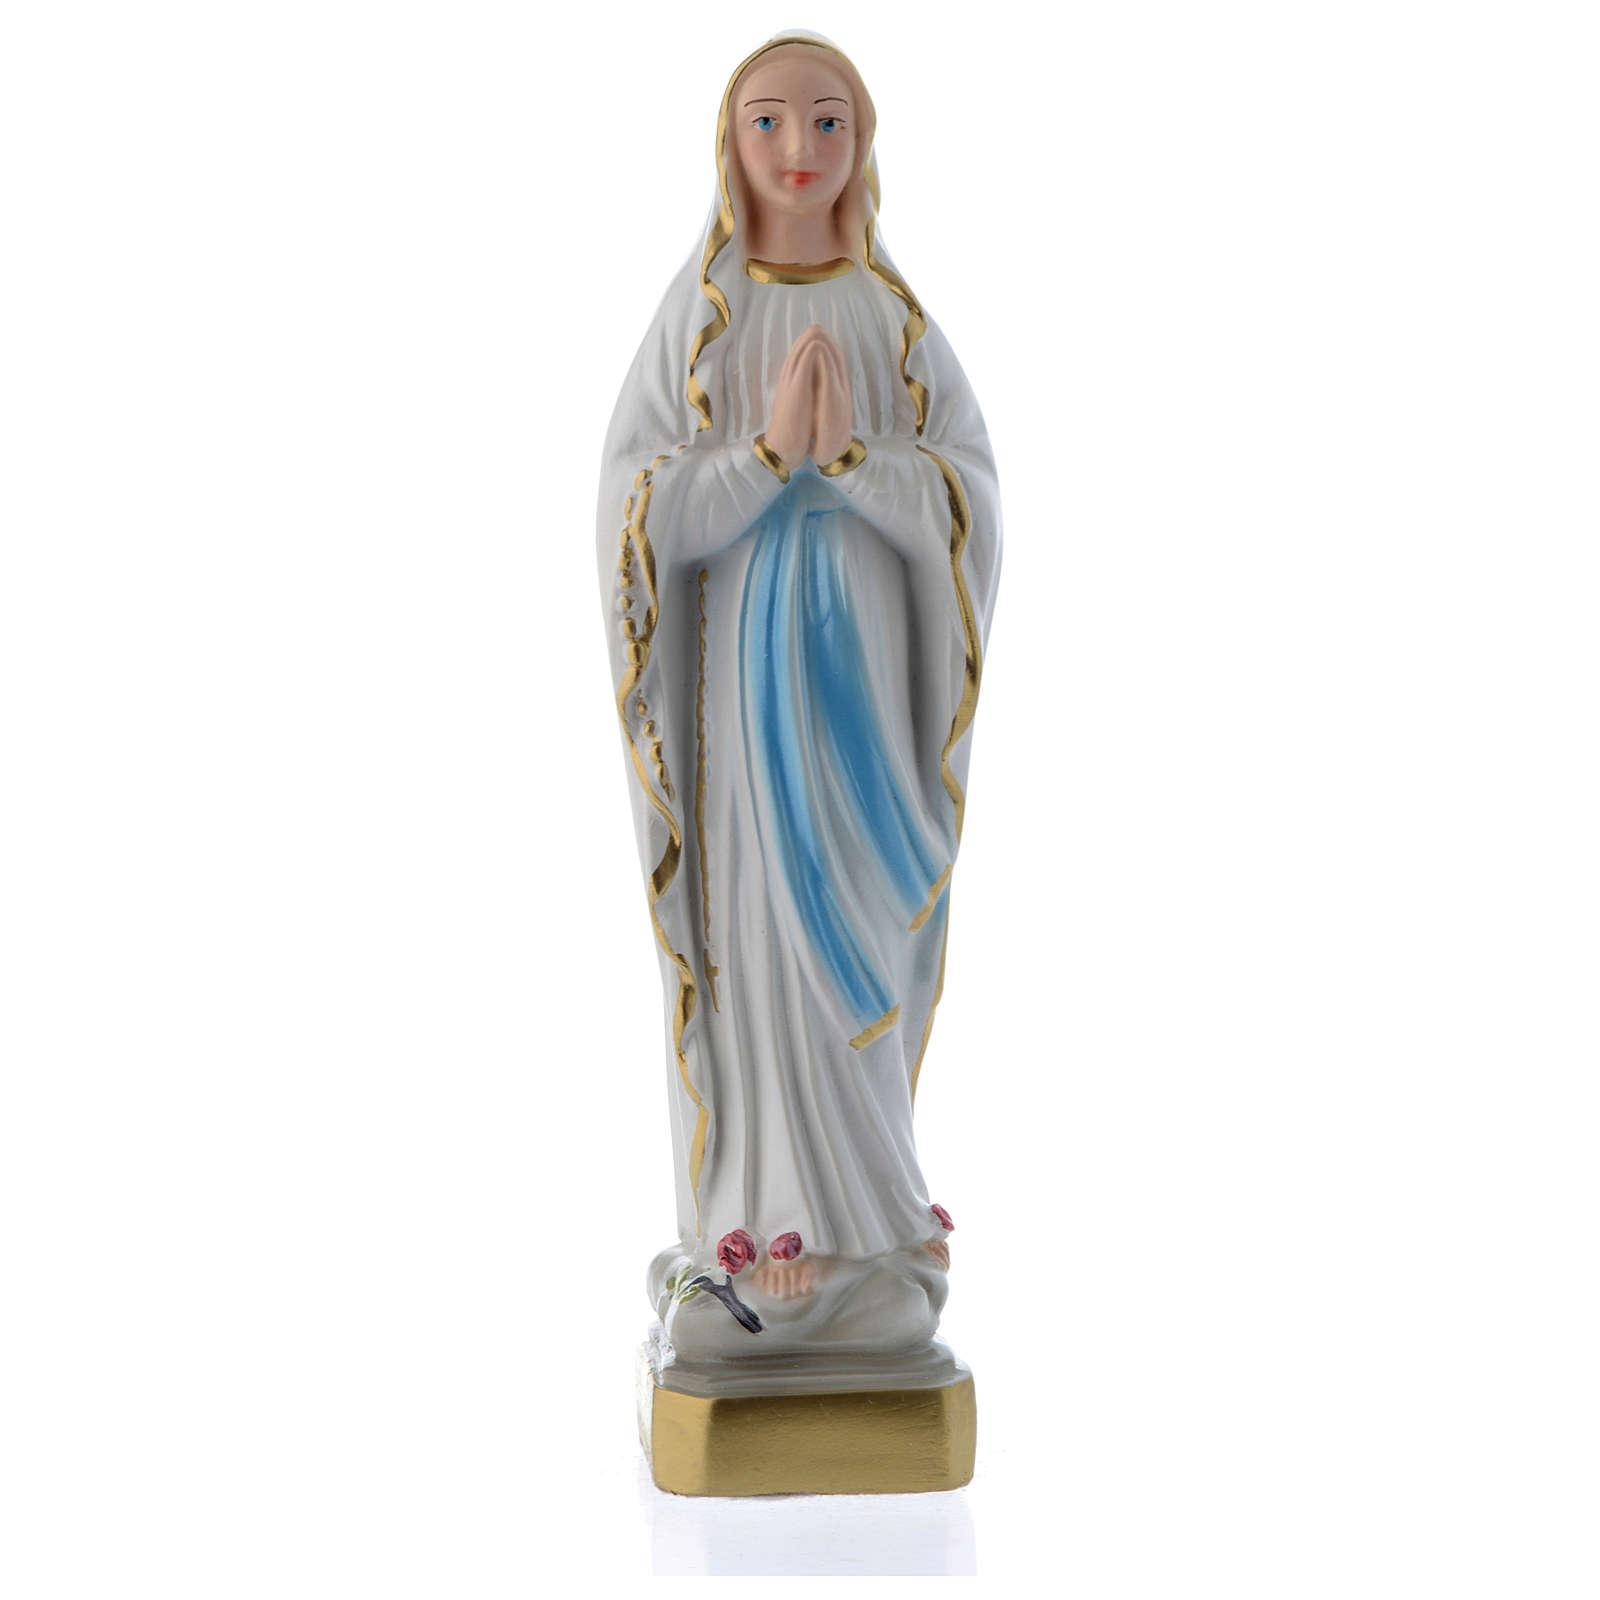 Nuestra Señora de Lourdes 20 cm yeso perlado 4